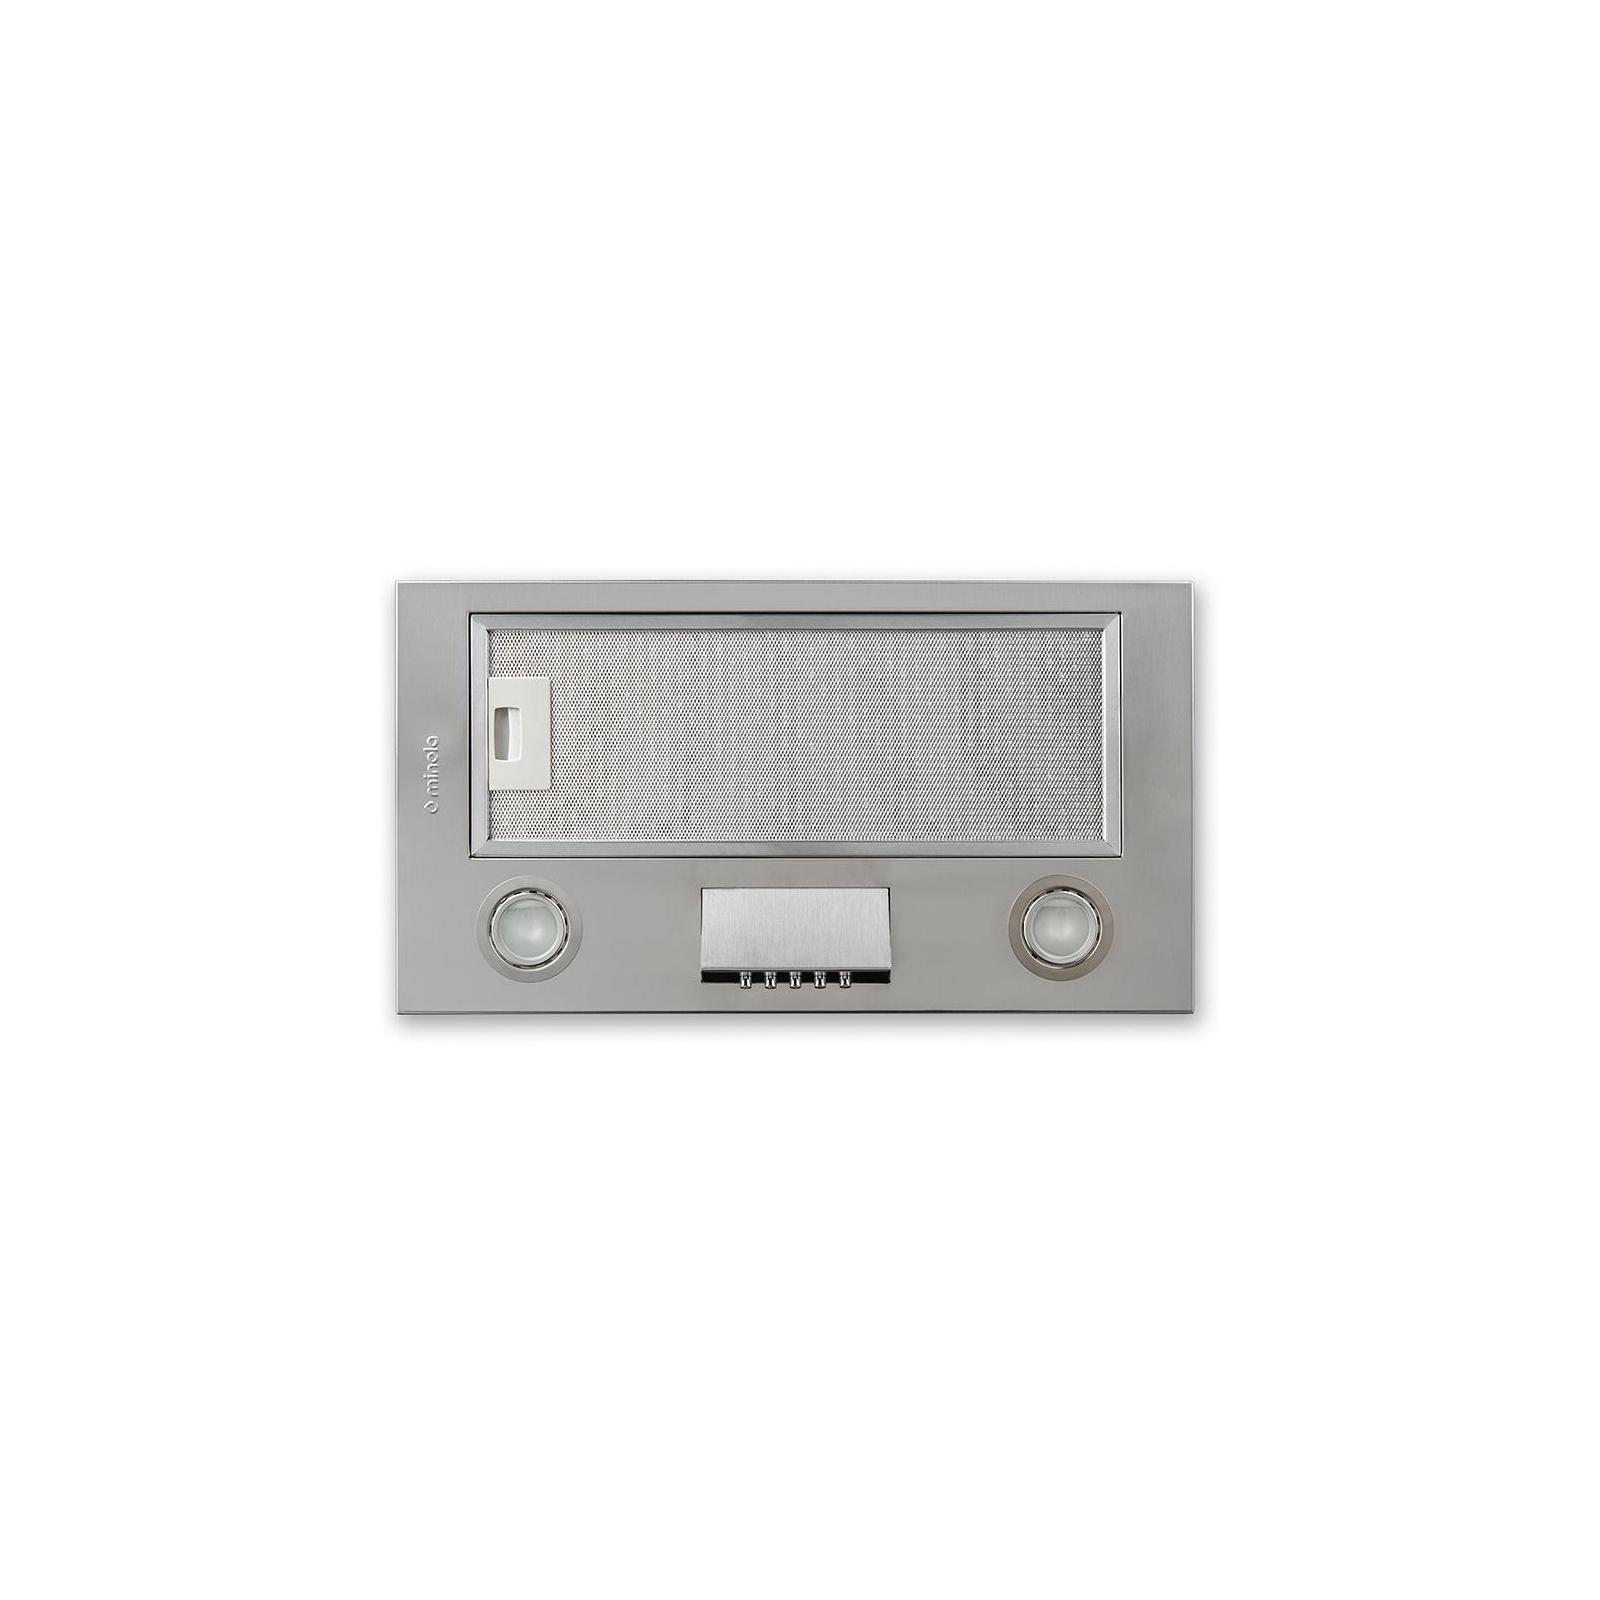 Вытяжка кухонная MINOLA HBI 5521 I 950 изображение 4